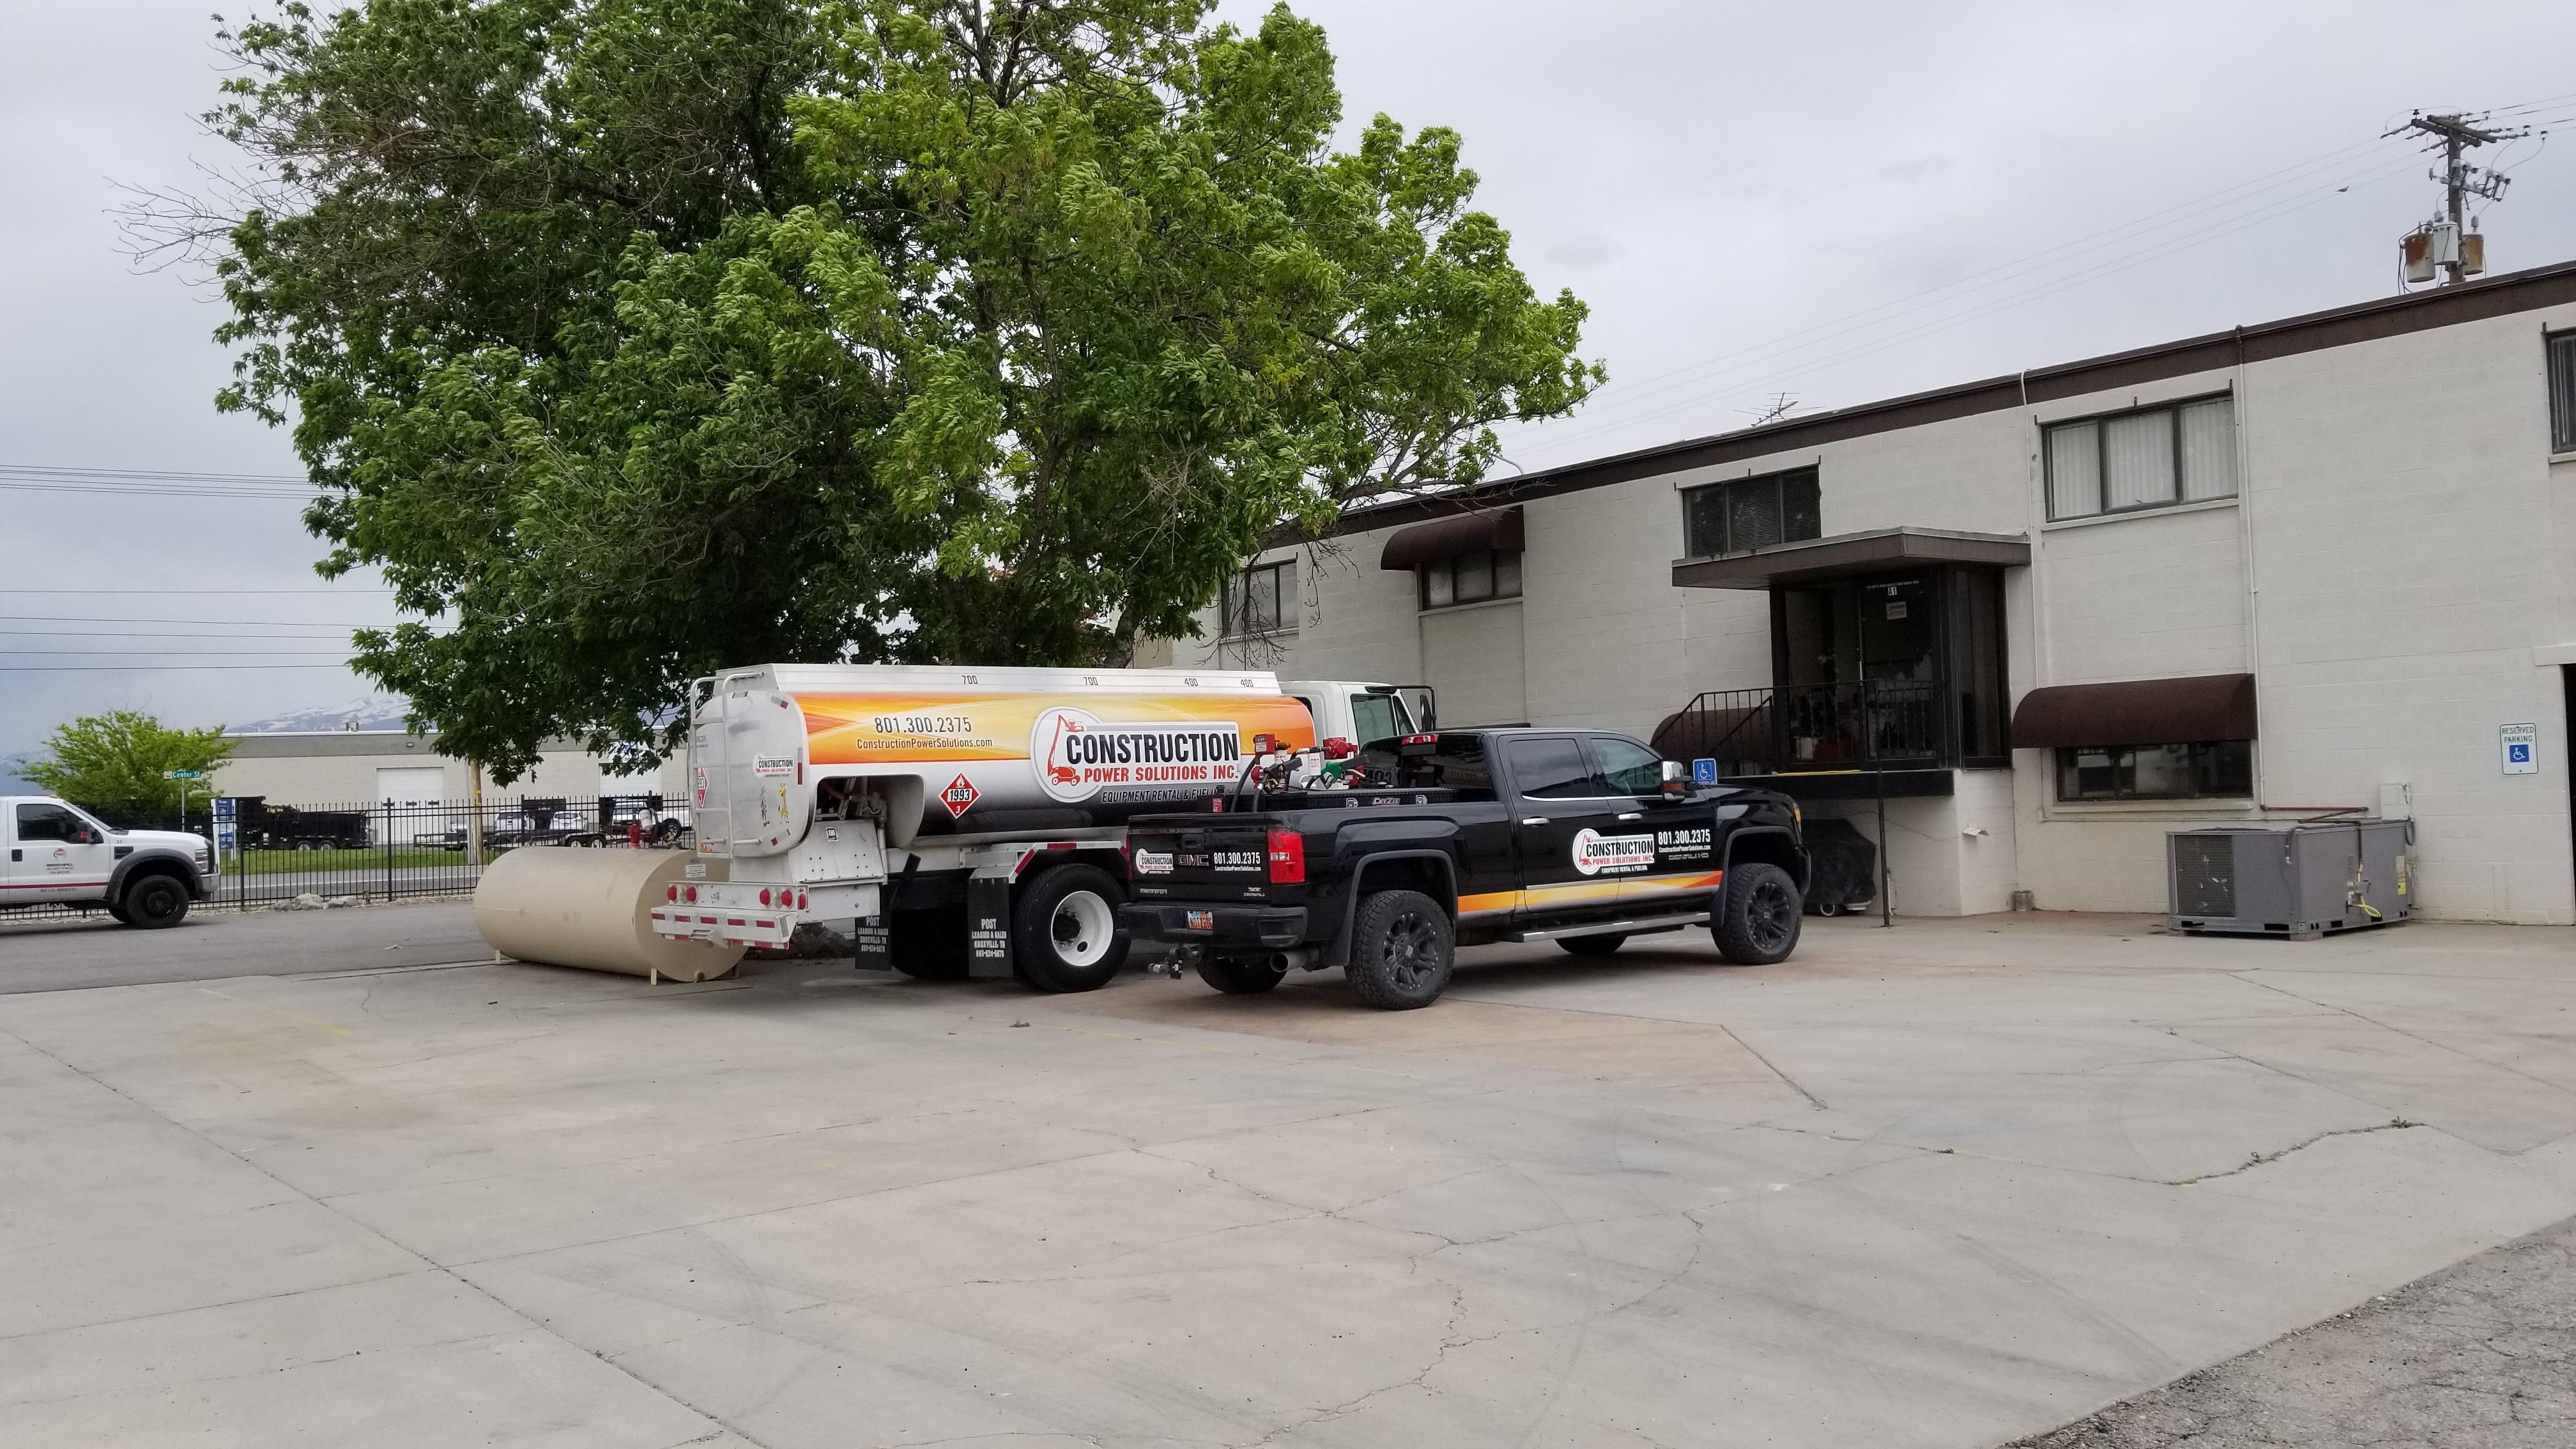 Equipment Rental Truck and Van